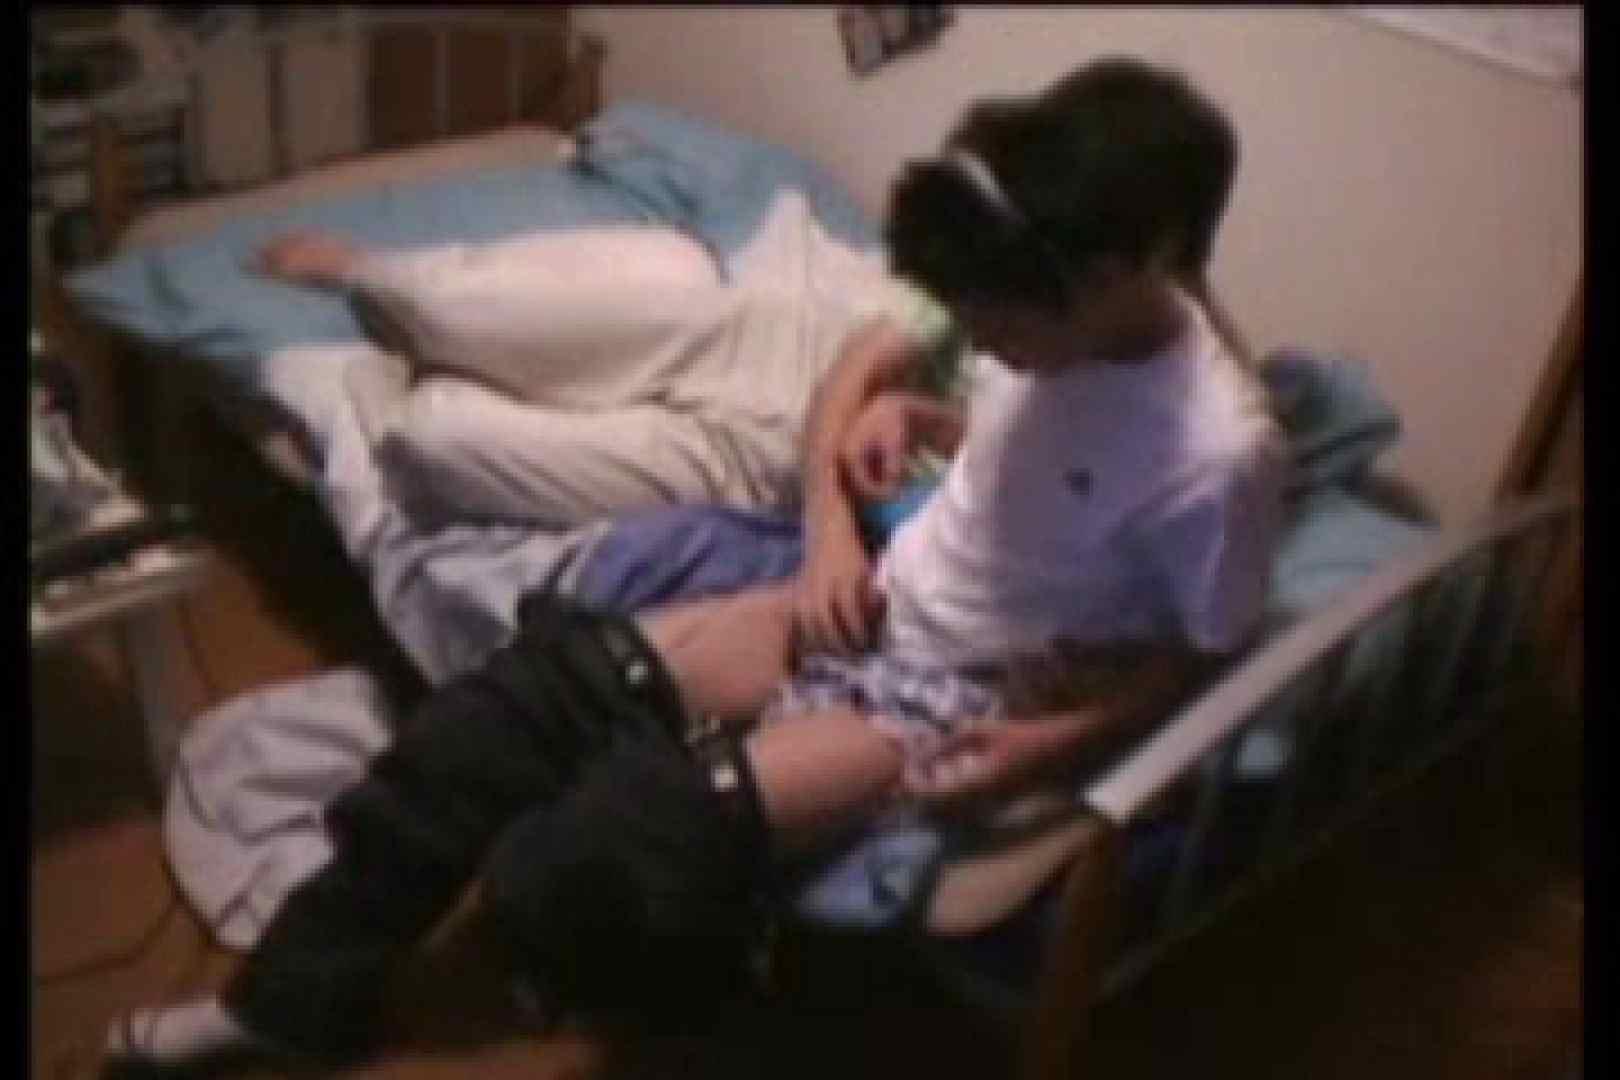 【実録投稿】友達覗撮In my room!! 射精  102pic 49